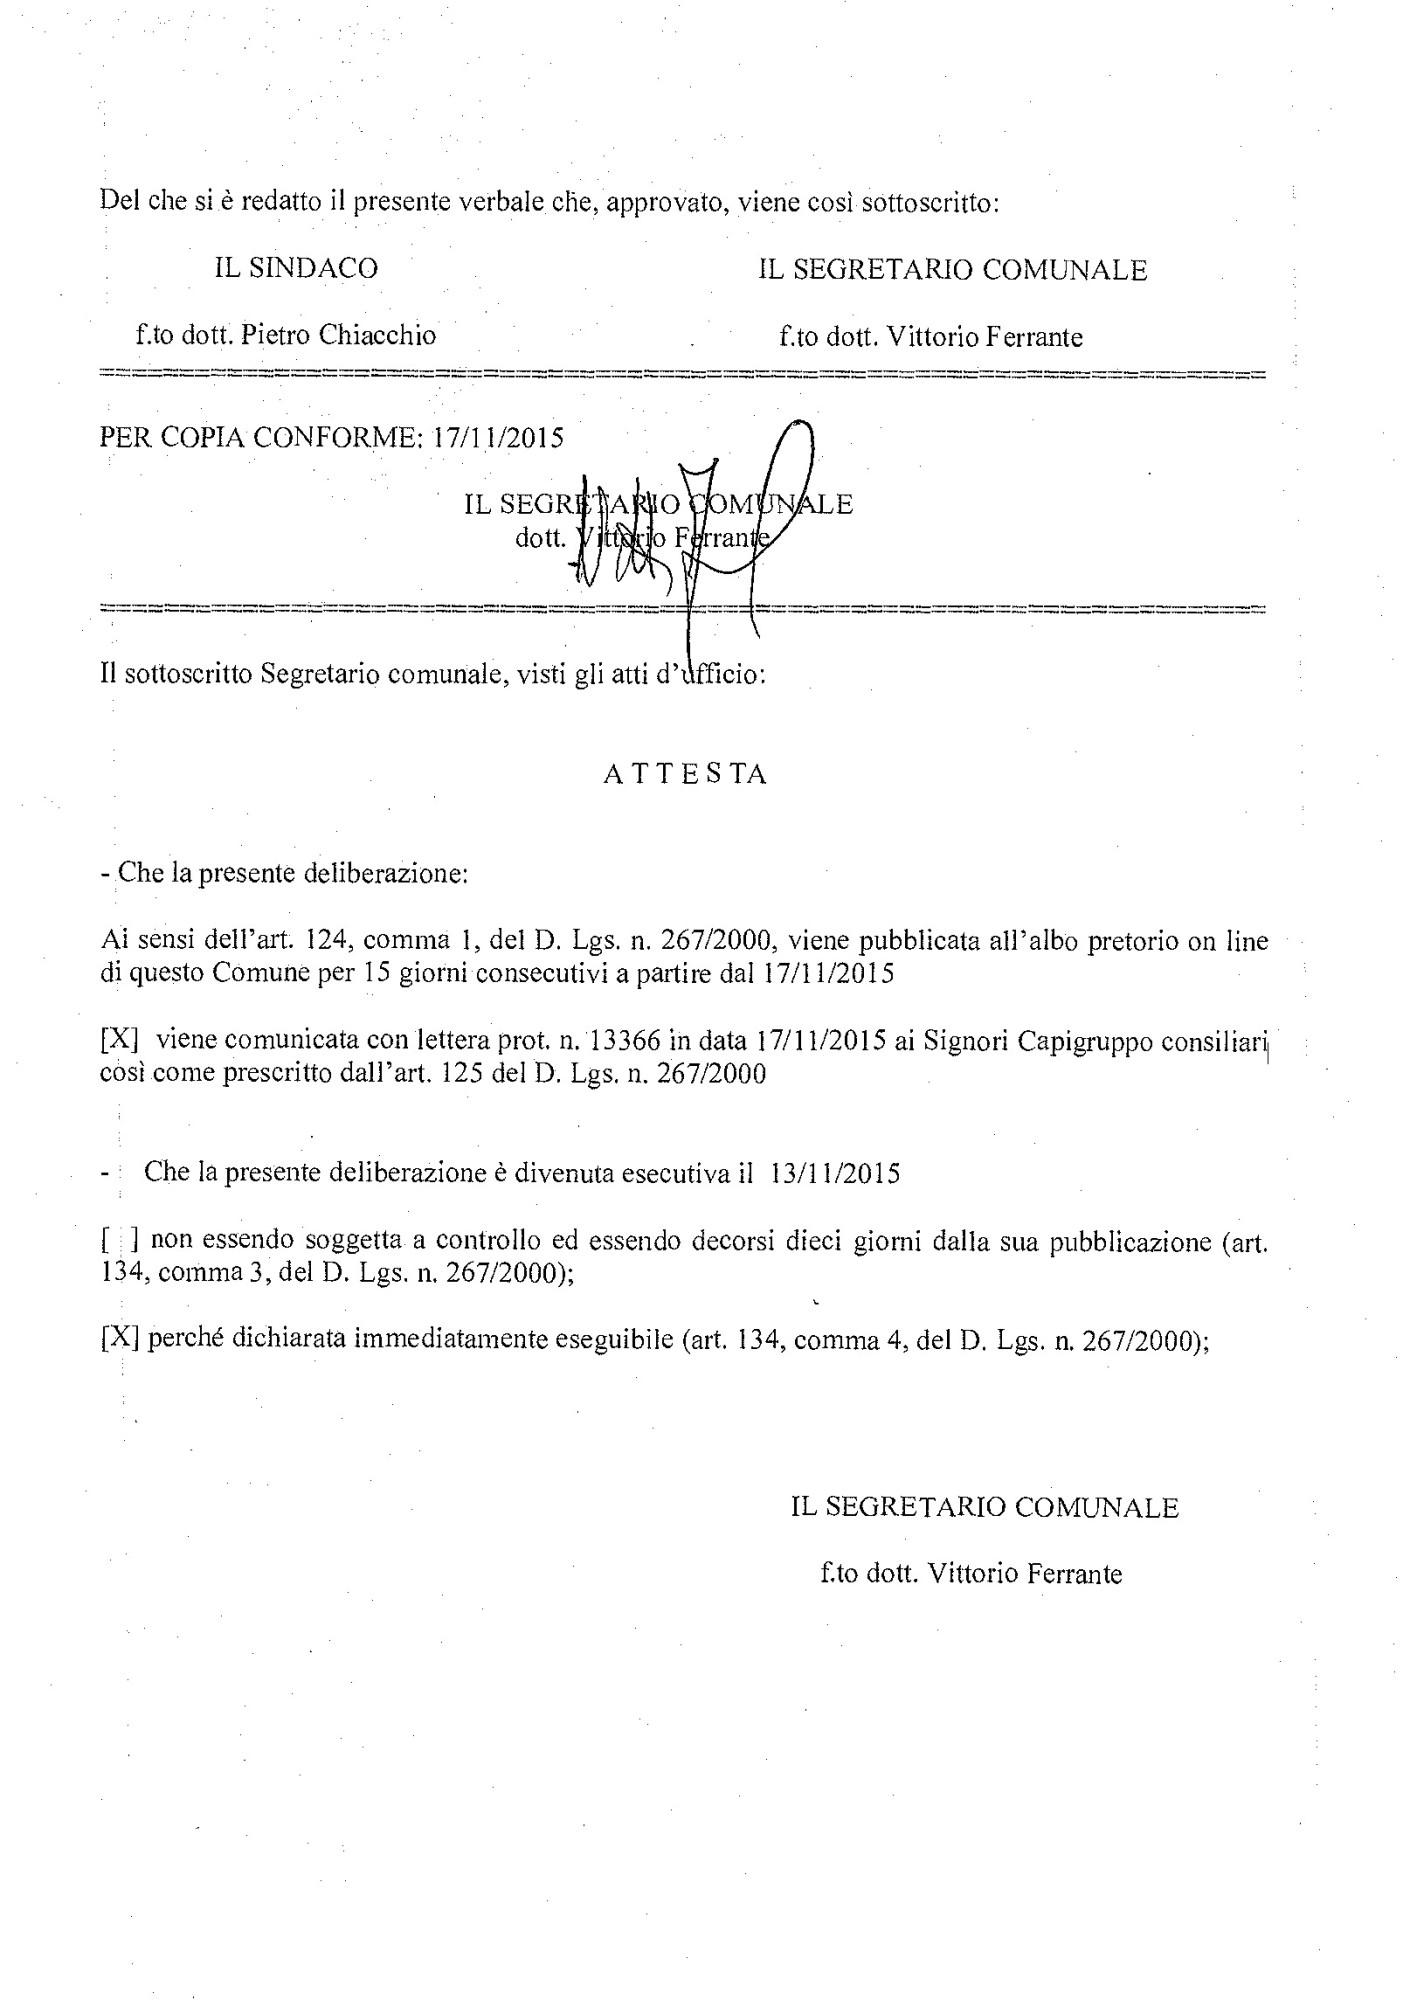 112_App._del_progetto_banco_alimentare_campania_pe_Pagina_7_Immagine_0001